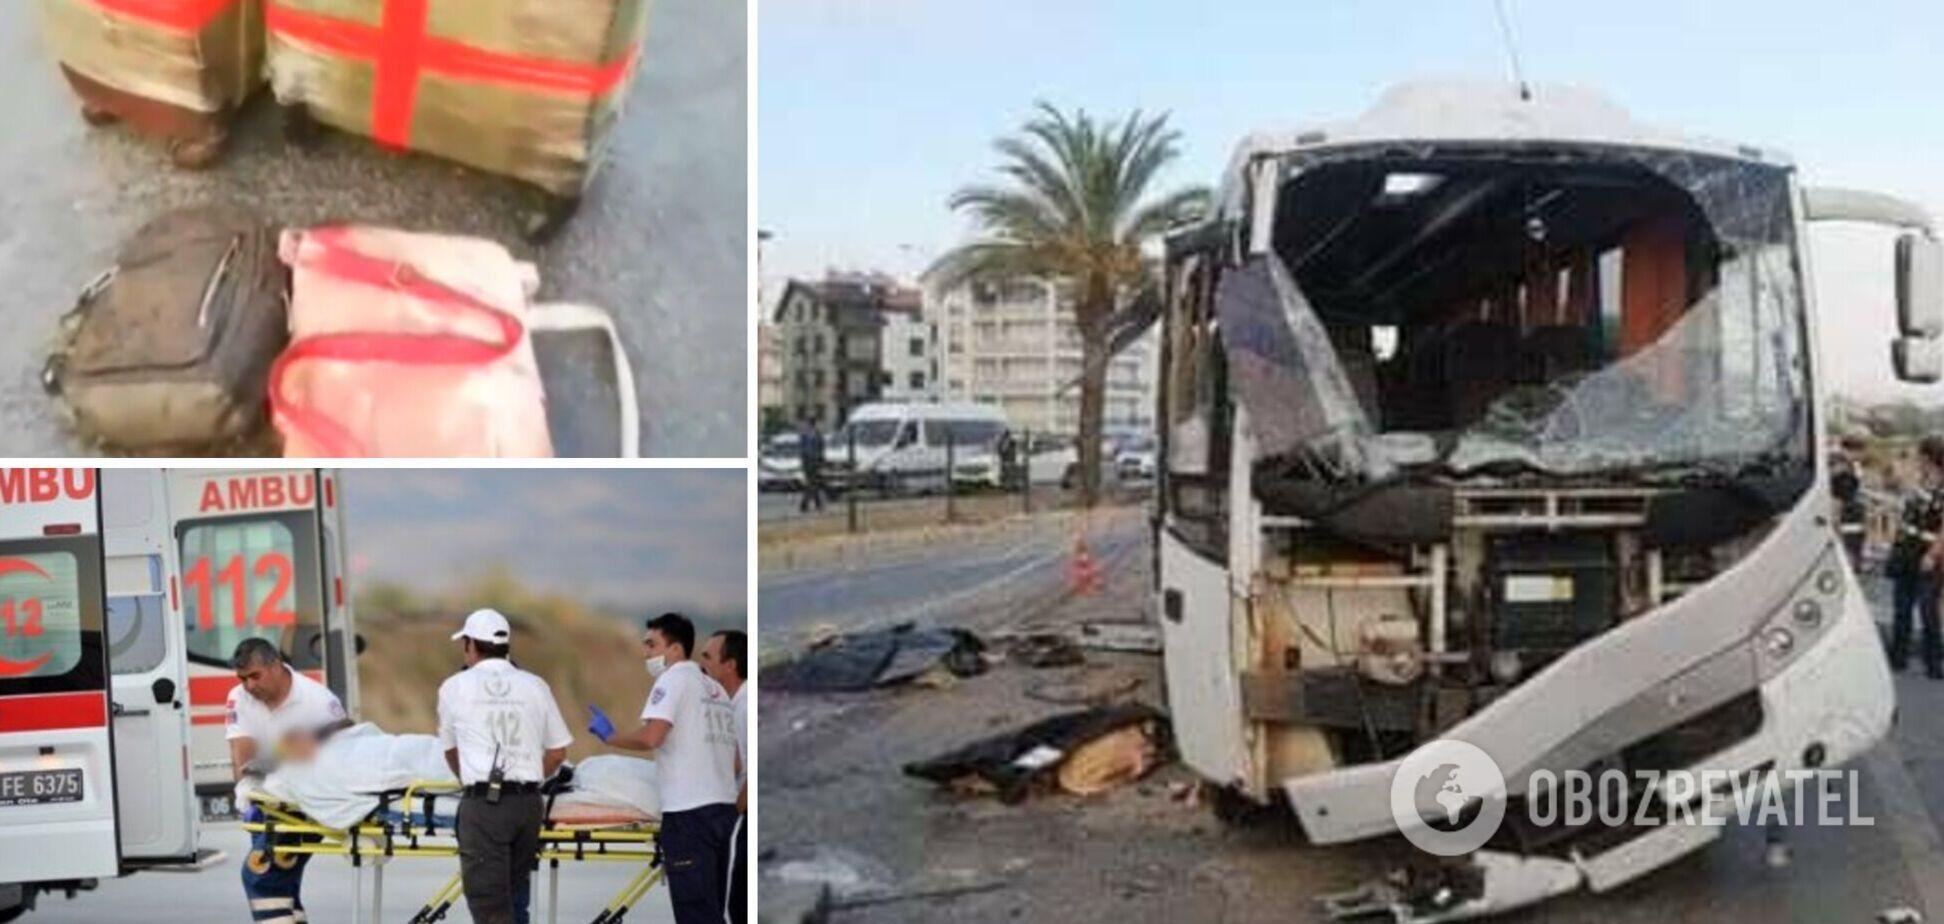 Уточнено: в ДТП с туристическим автобусом в Турции погибли три человека